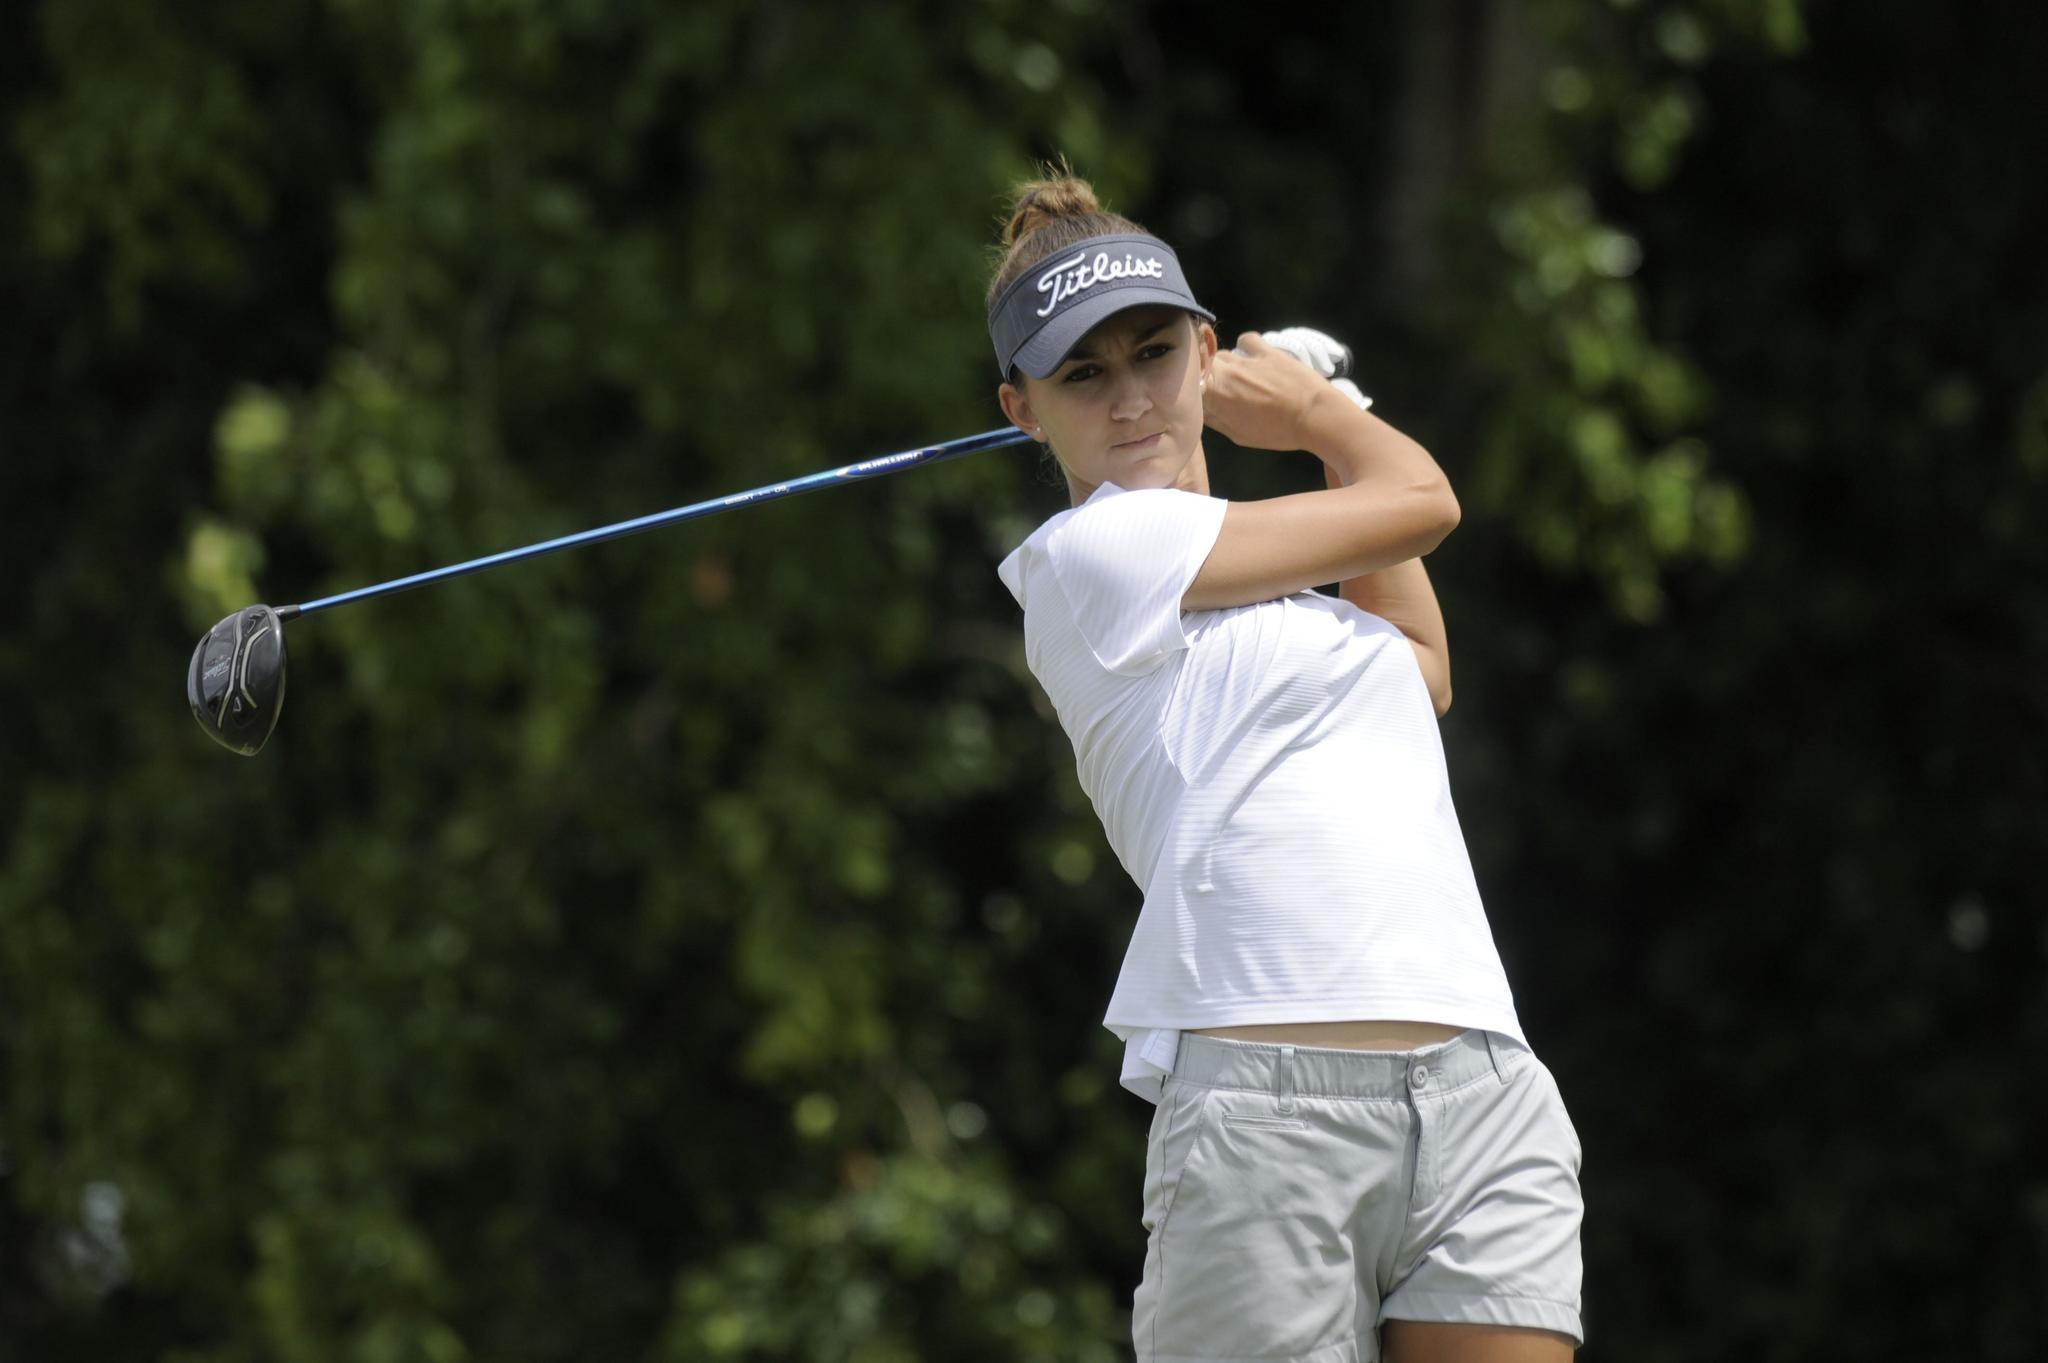 Boca Raton teen golfer making major strides toward LPGA pro tour